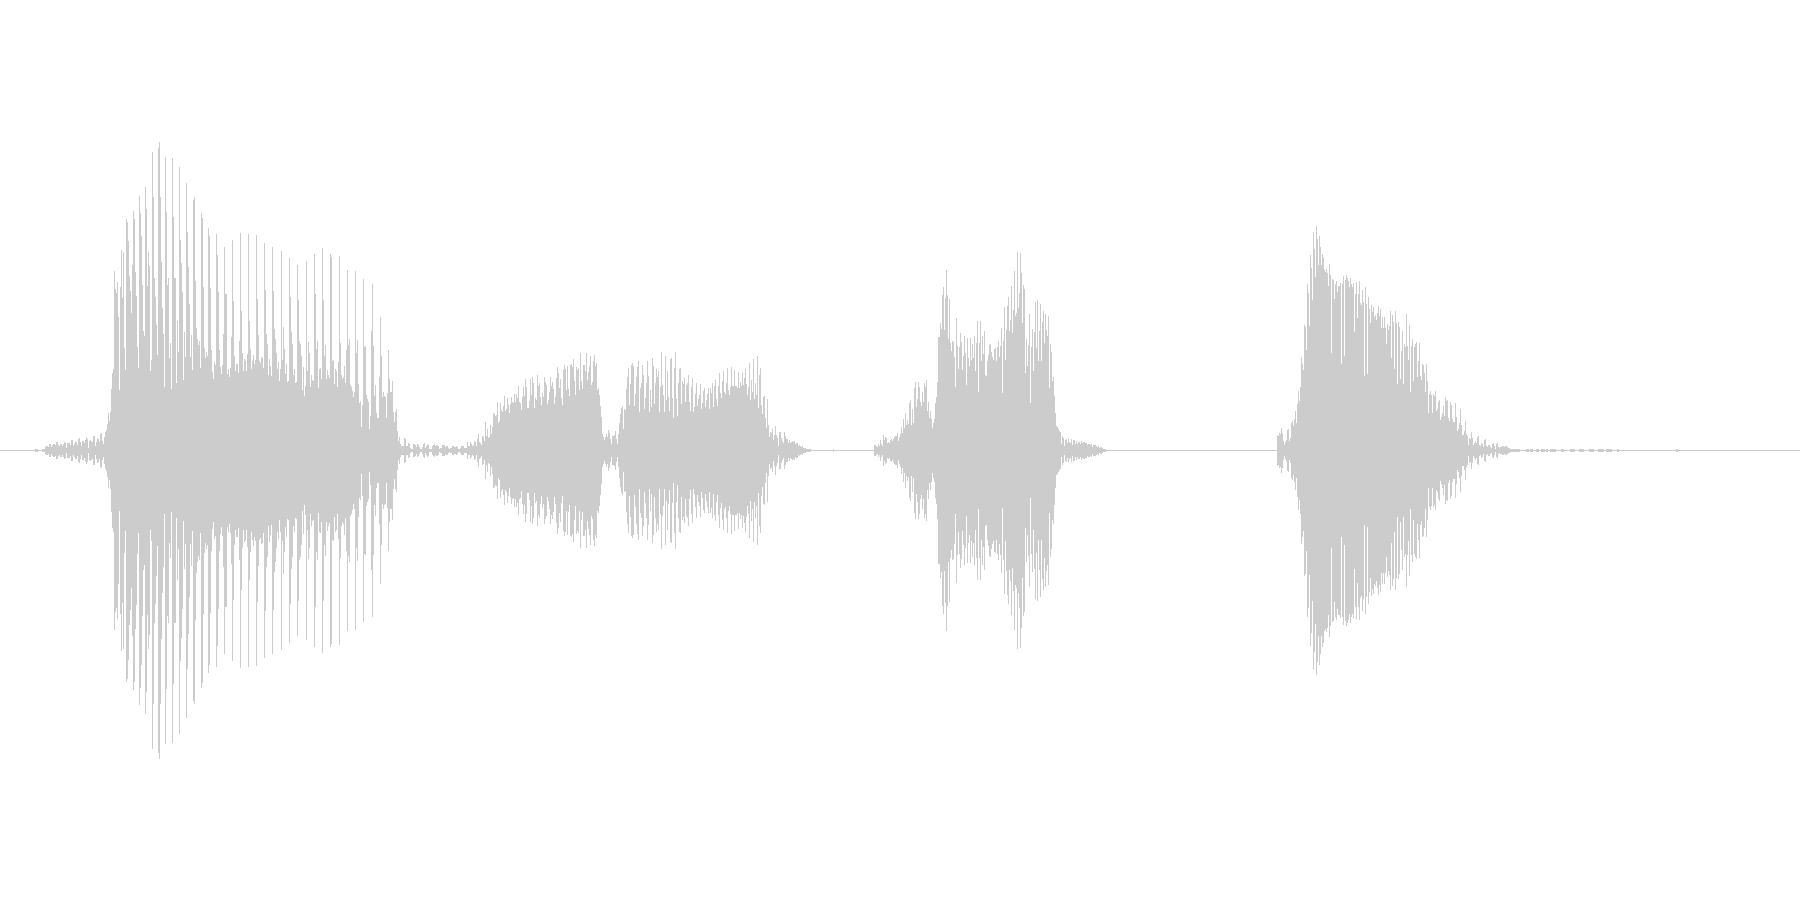 ダブルチョップ!の未再生の波形